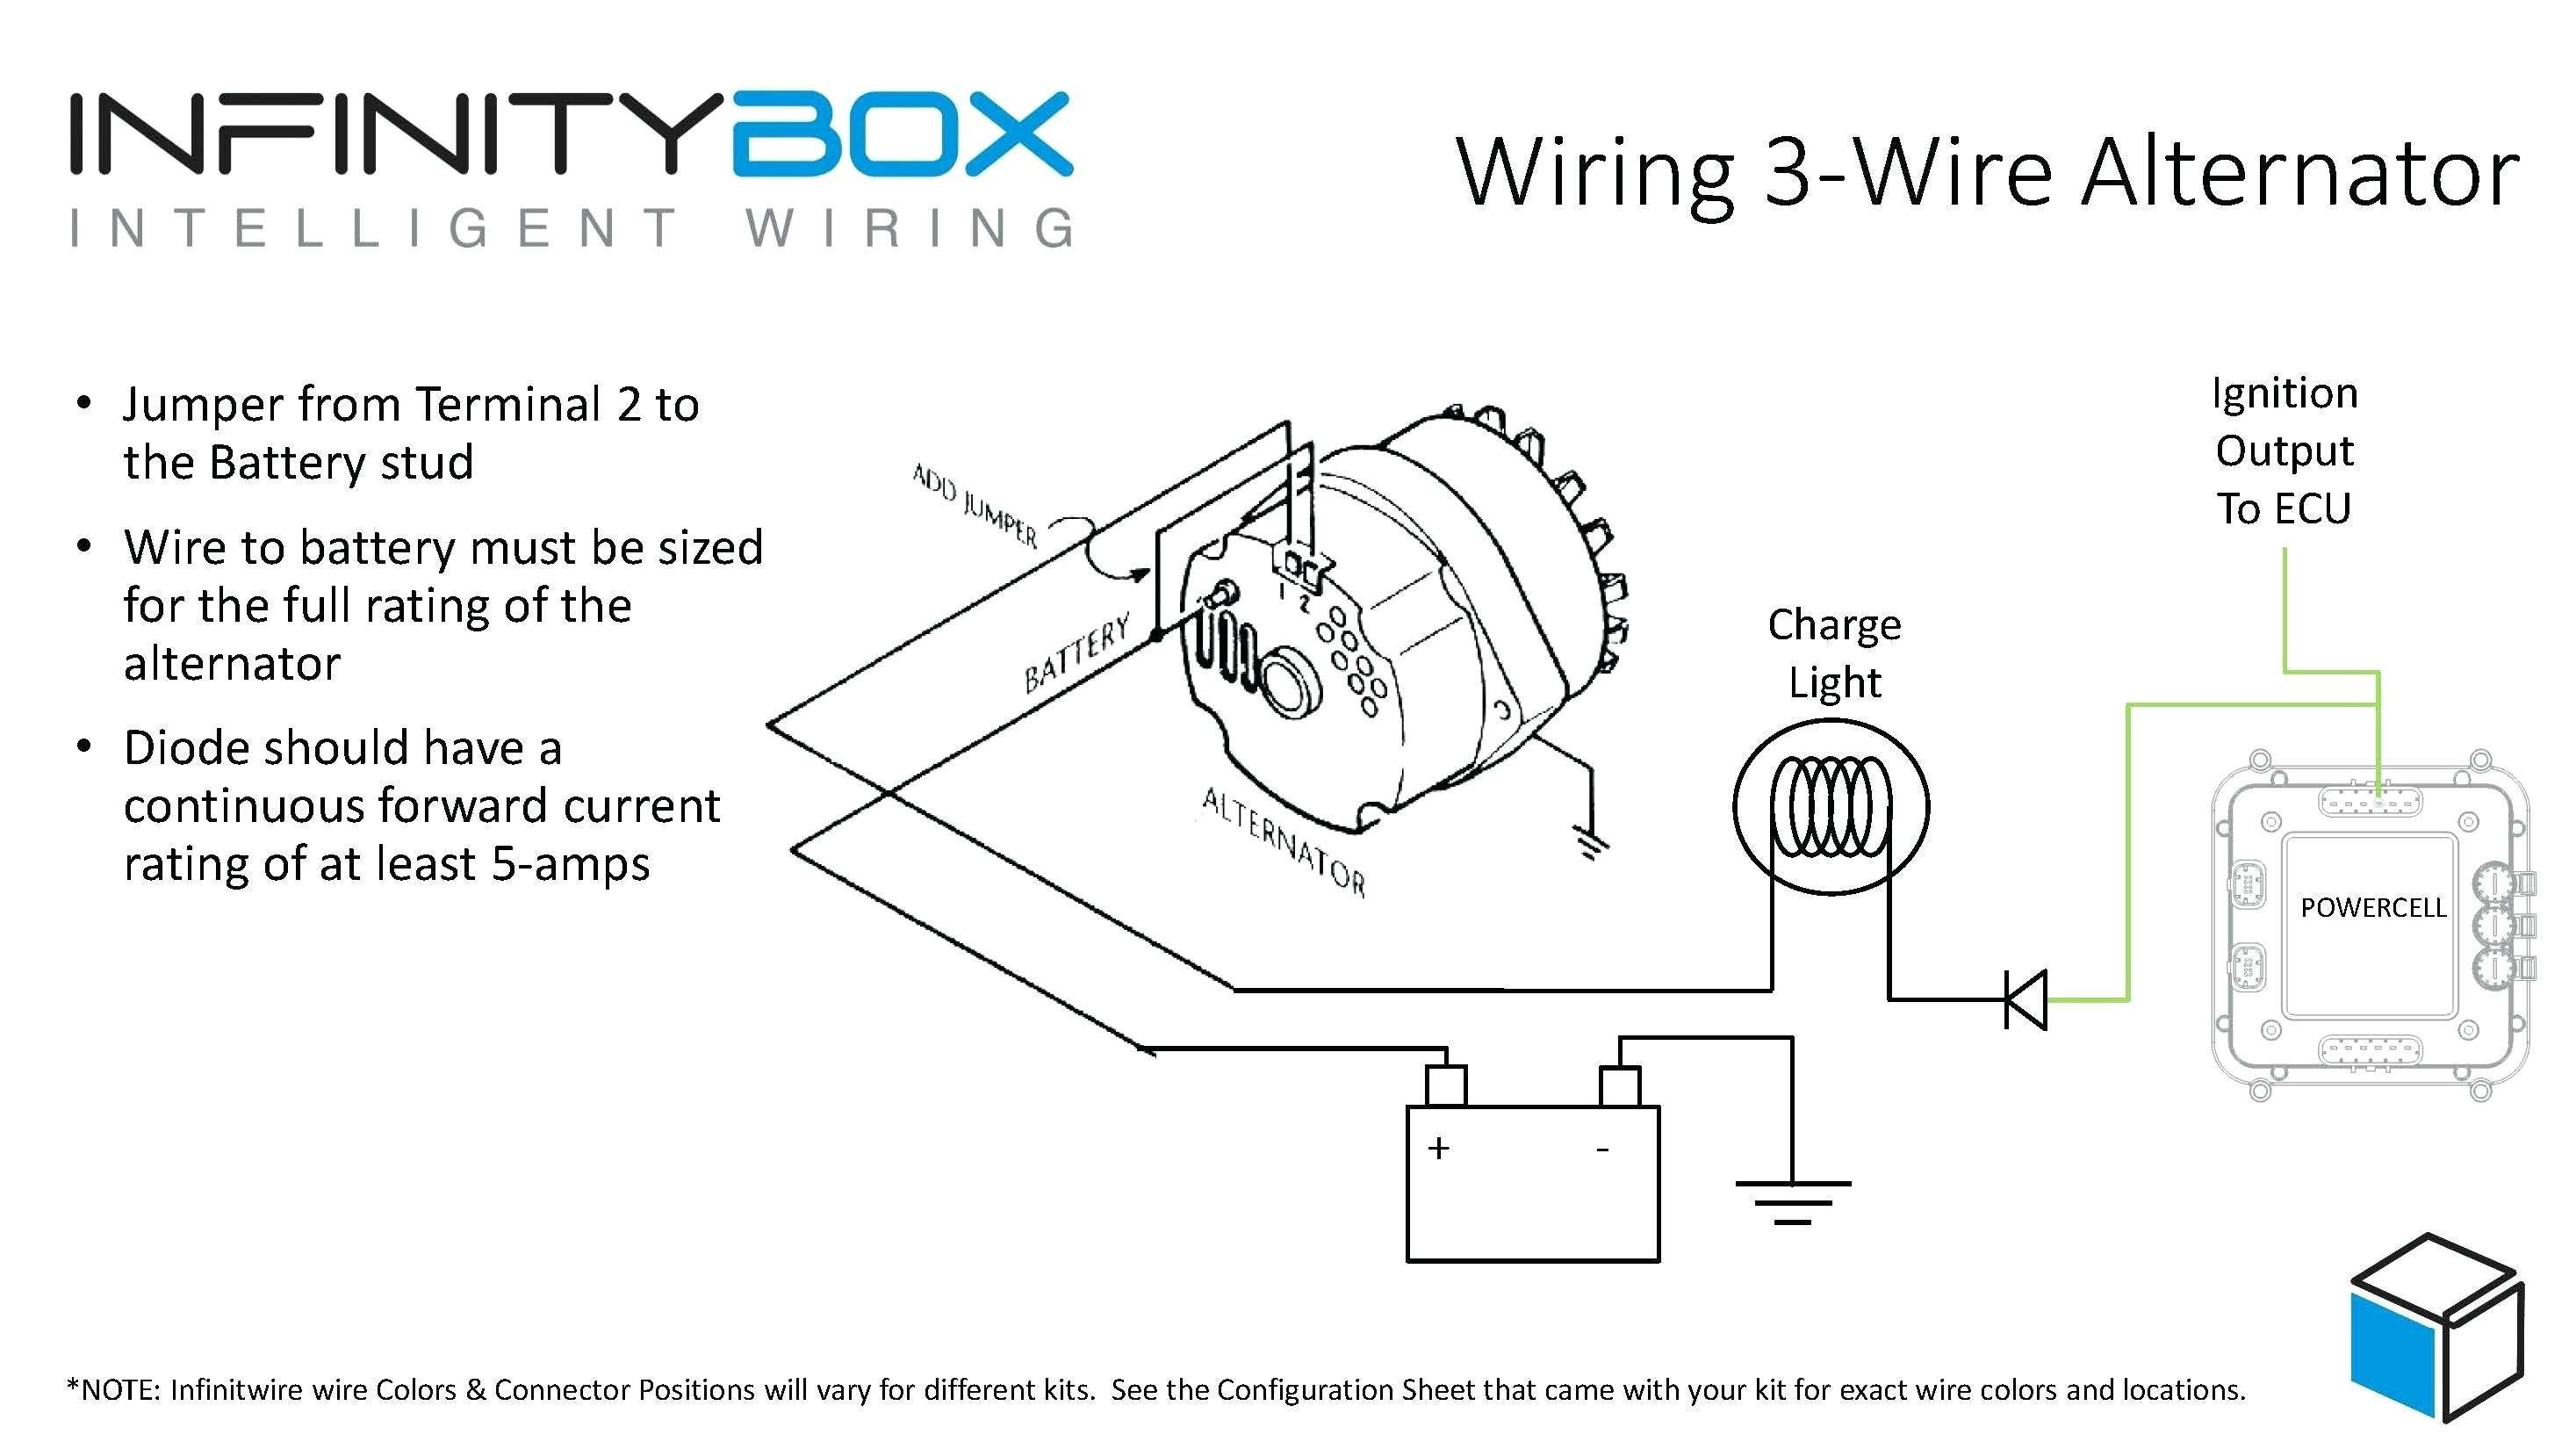 4 Wire Rtd Wiring Diagram 4 Wire Rtd Wiring Diagram Elegant 4 Wire Rtd Wiring Diagram Best 3 Of 4 Wire Rtd Wiring Diagram